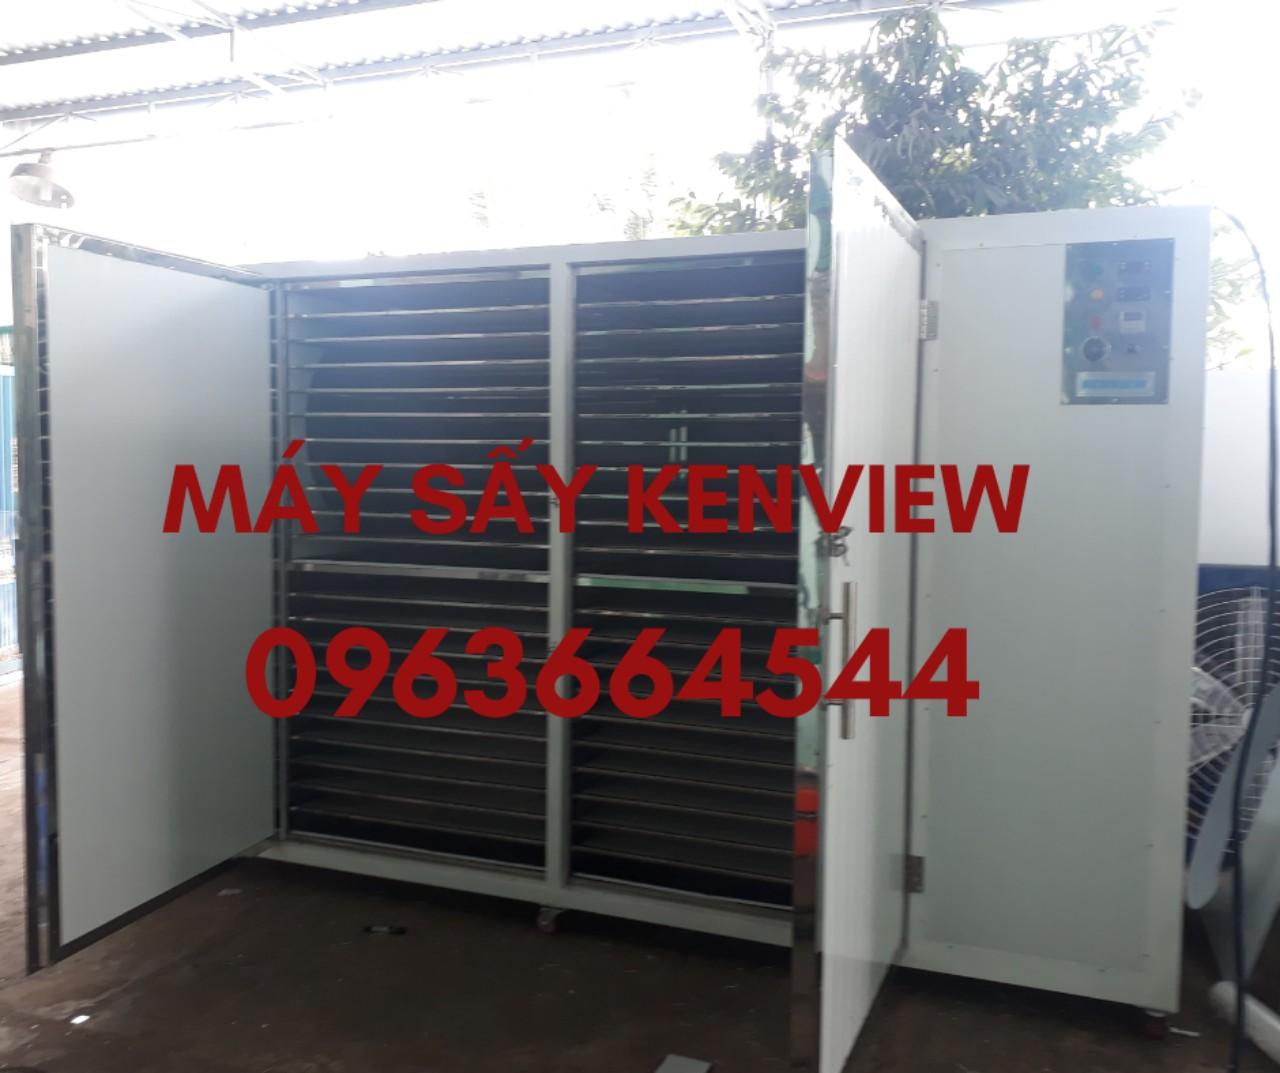 Máy sấy hải sản ở Phan Thiết 0963664544